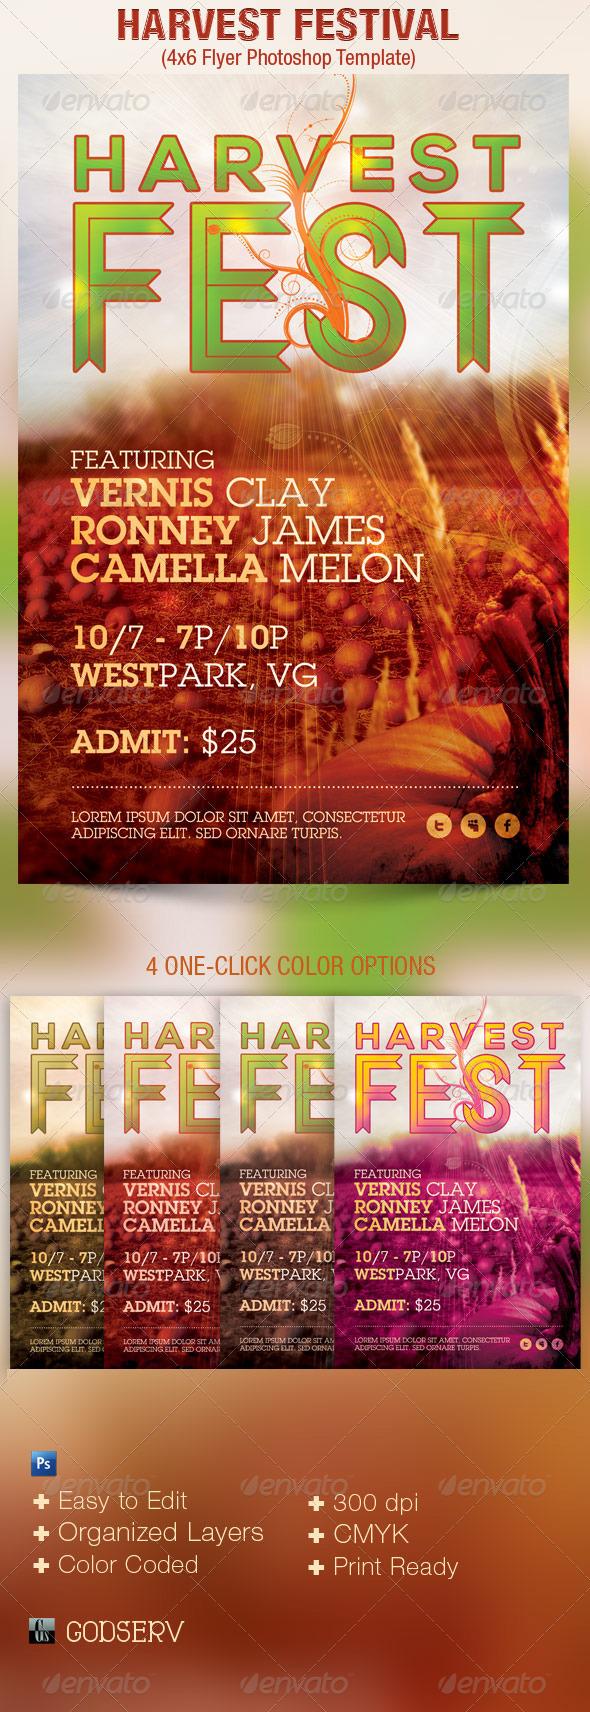 Harvest Festival Church Flyer Template on Behance